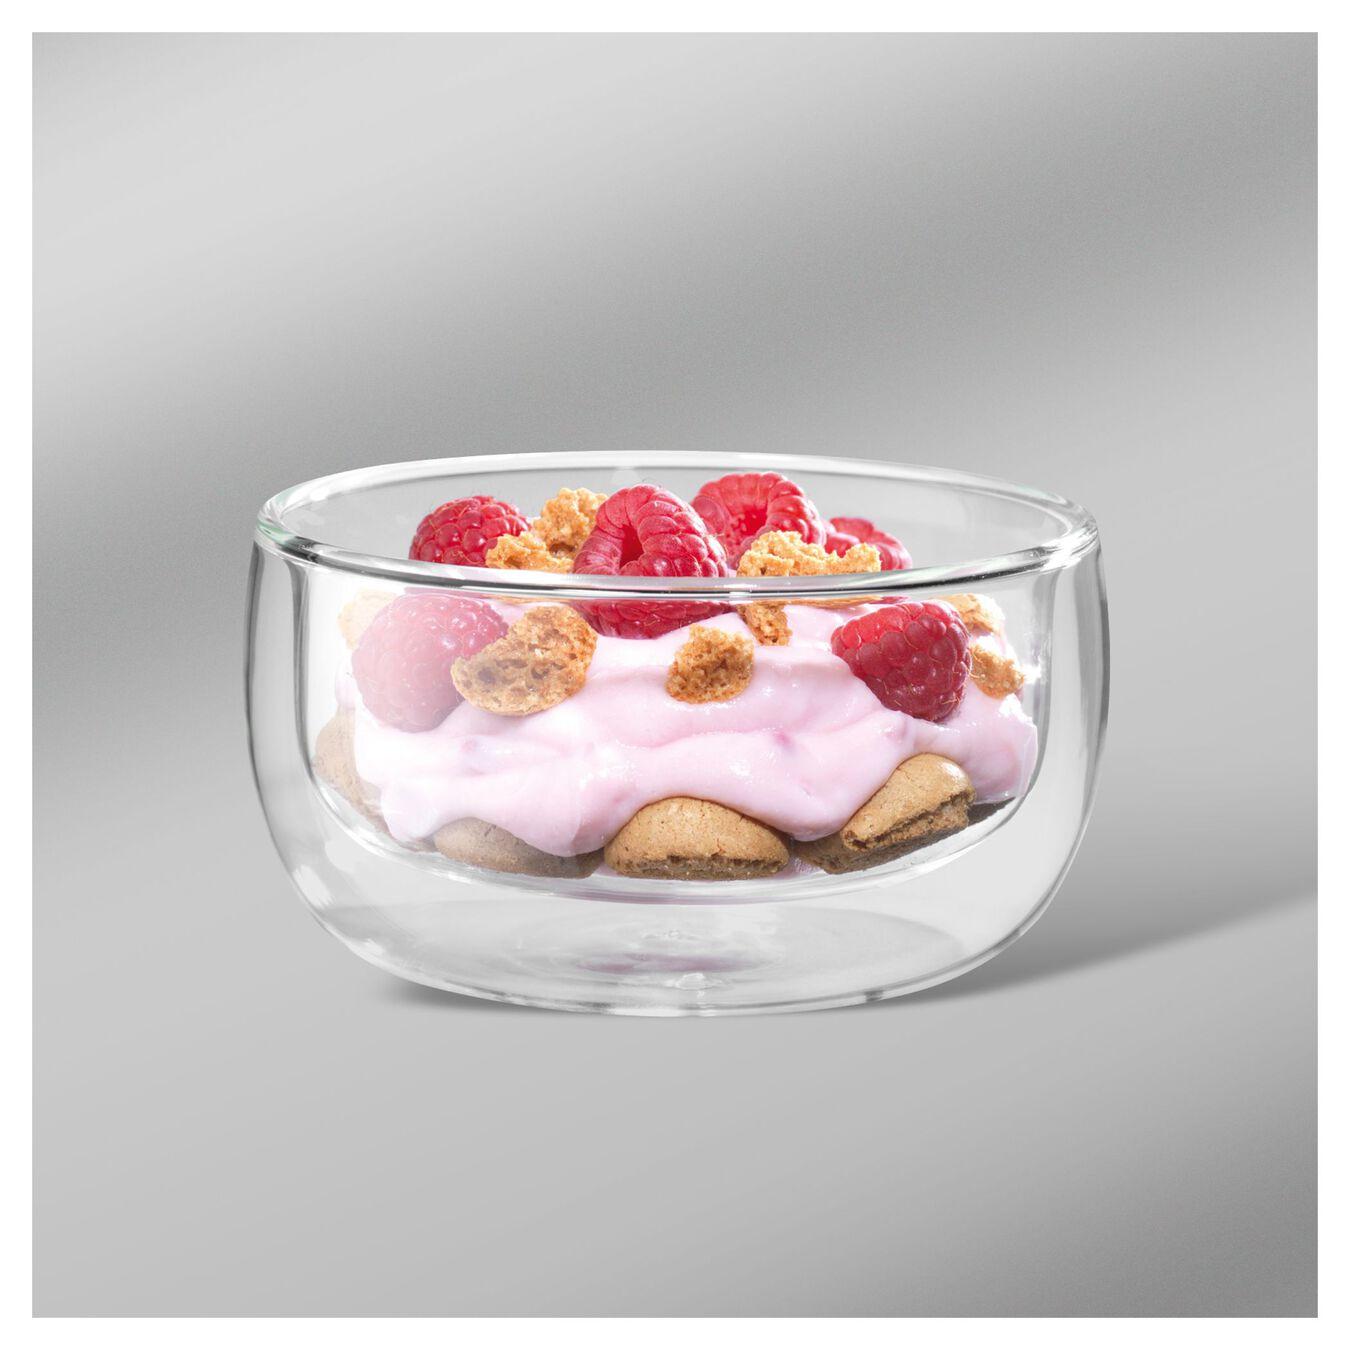 2-pcs Service de verres à dessert,,large 2